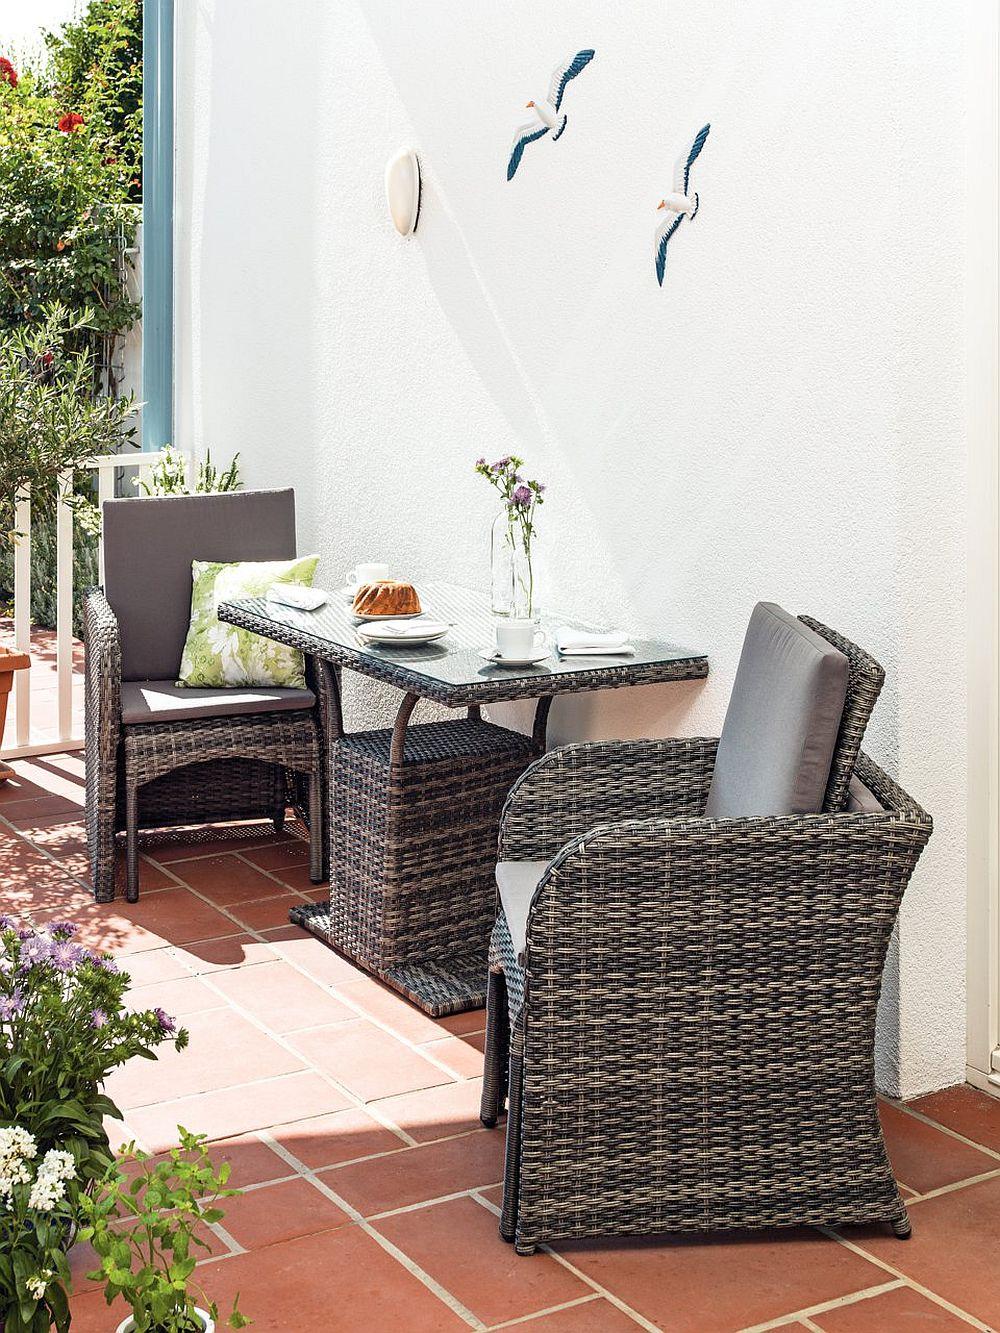 Pentru economie de spațiu, scaunele de la modelul Haiti pot fi stivuite peste fotolii. Vezi detalii AICI.